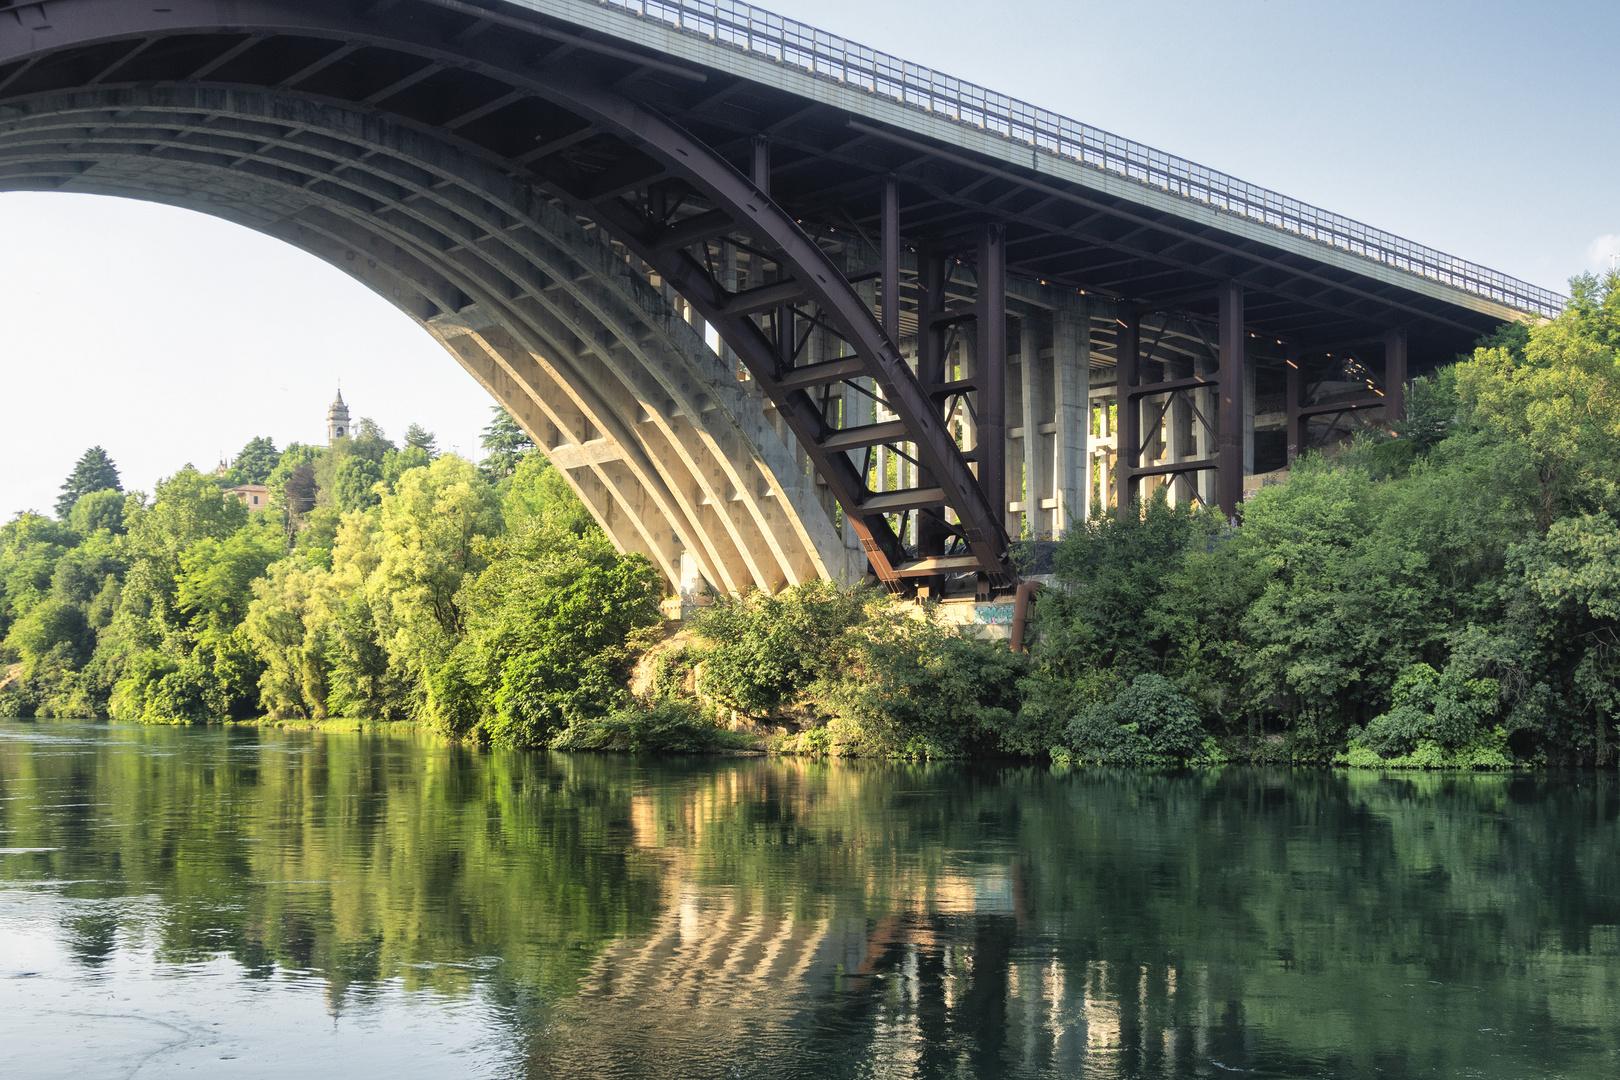 Ponte dell'autostrada, fiume Adda